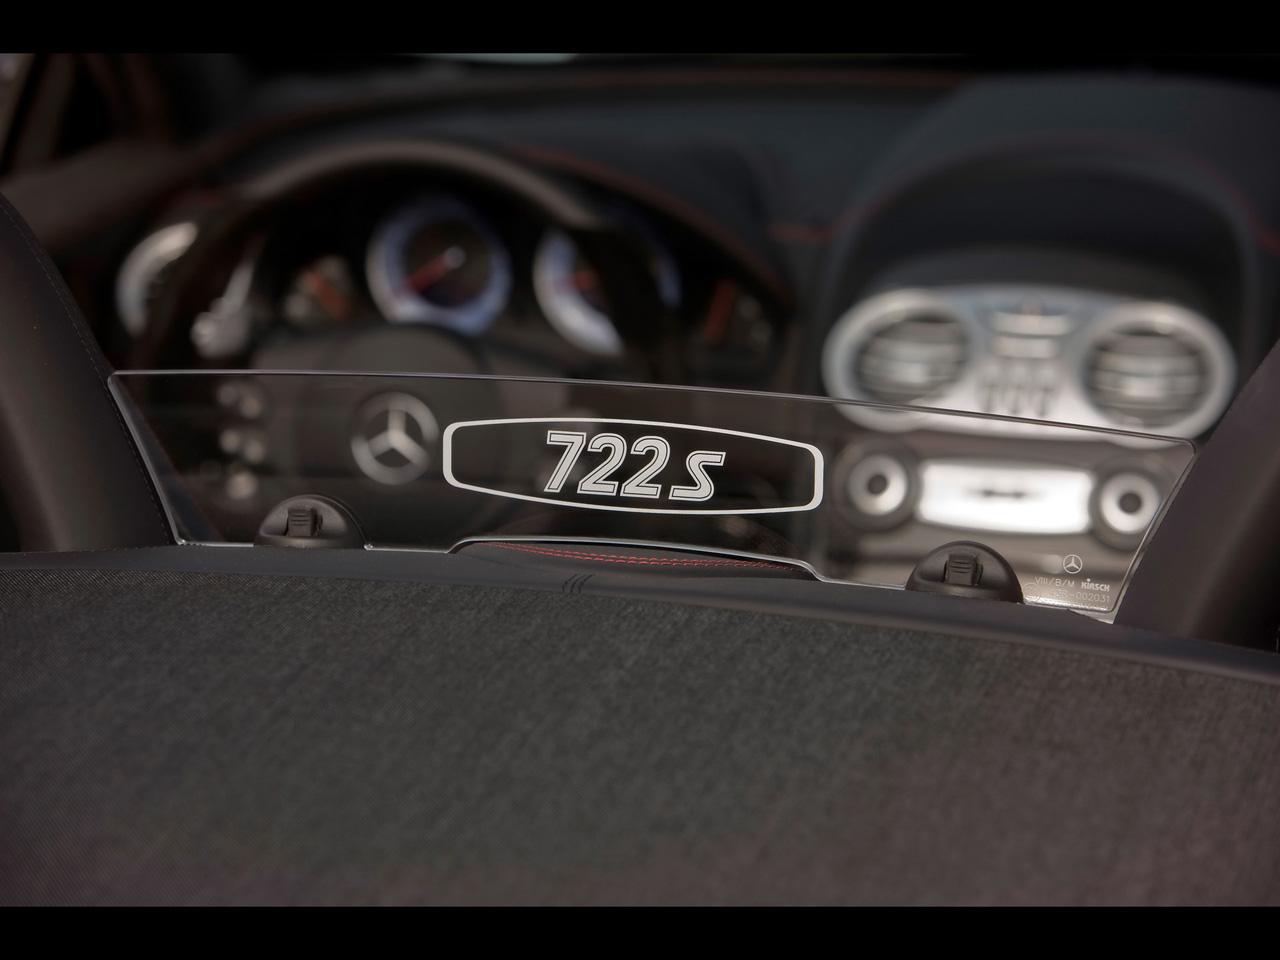 2009-Mercedes-Benz-SLR-McLaren-Roadster-722-S-Lettering-1280x960.jpg